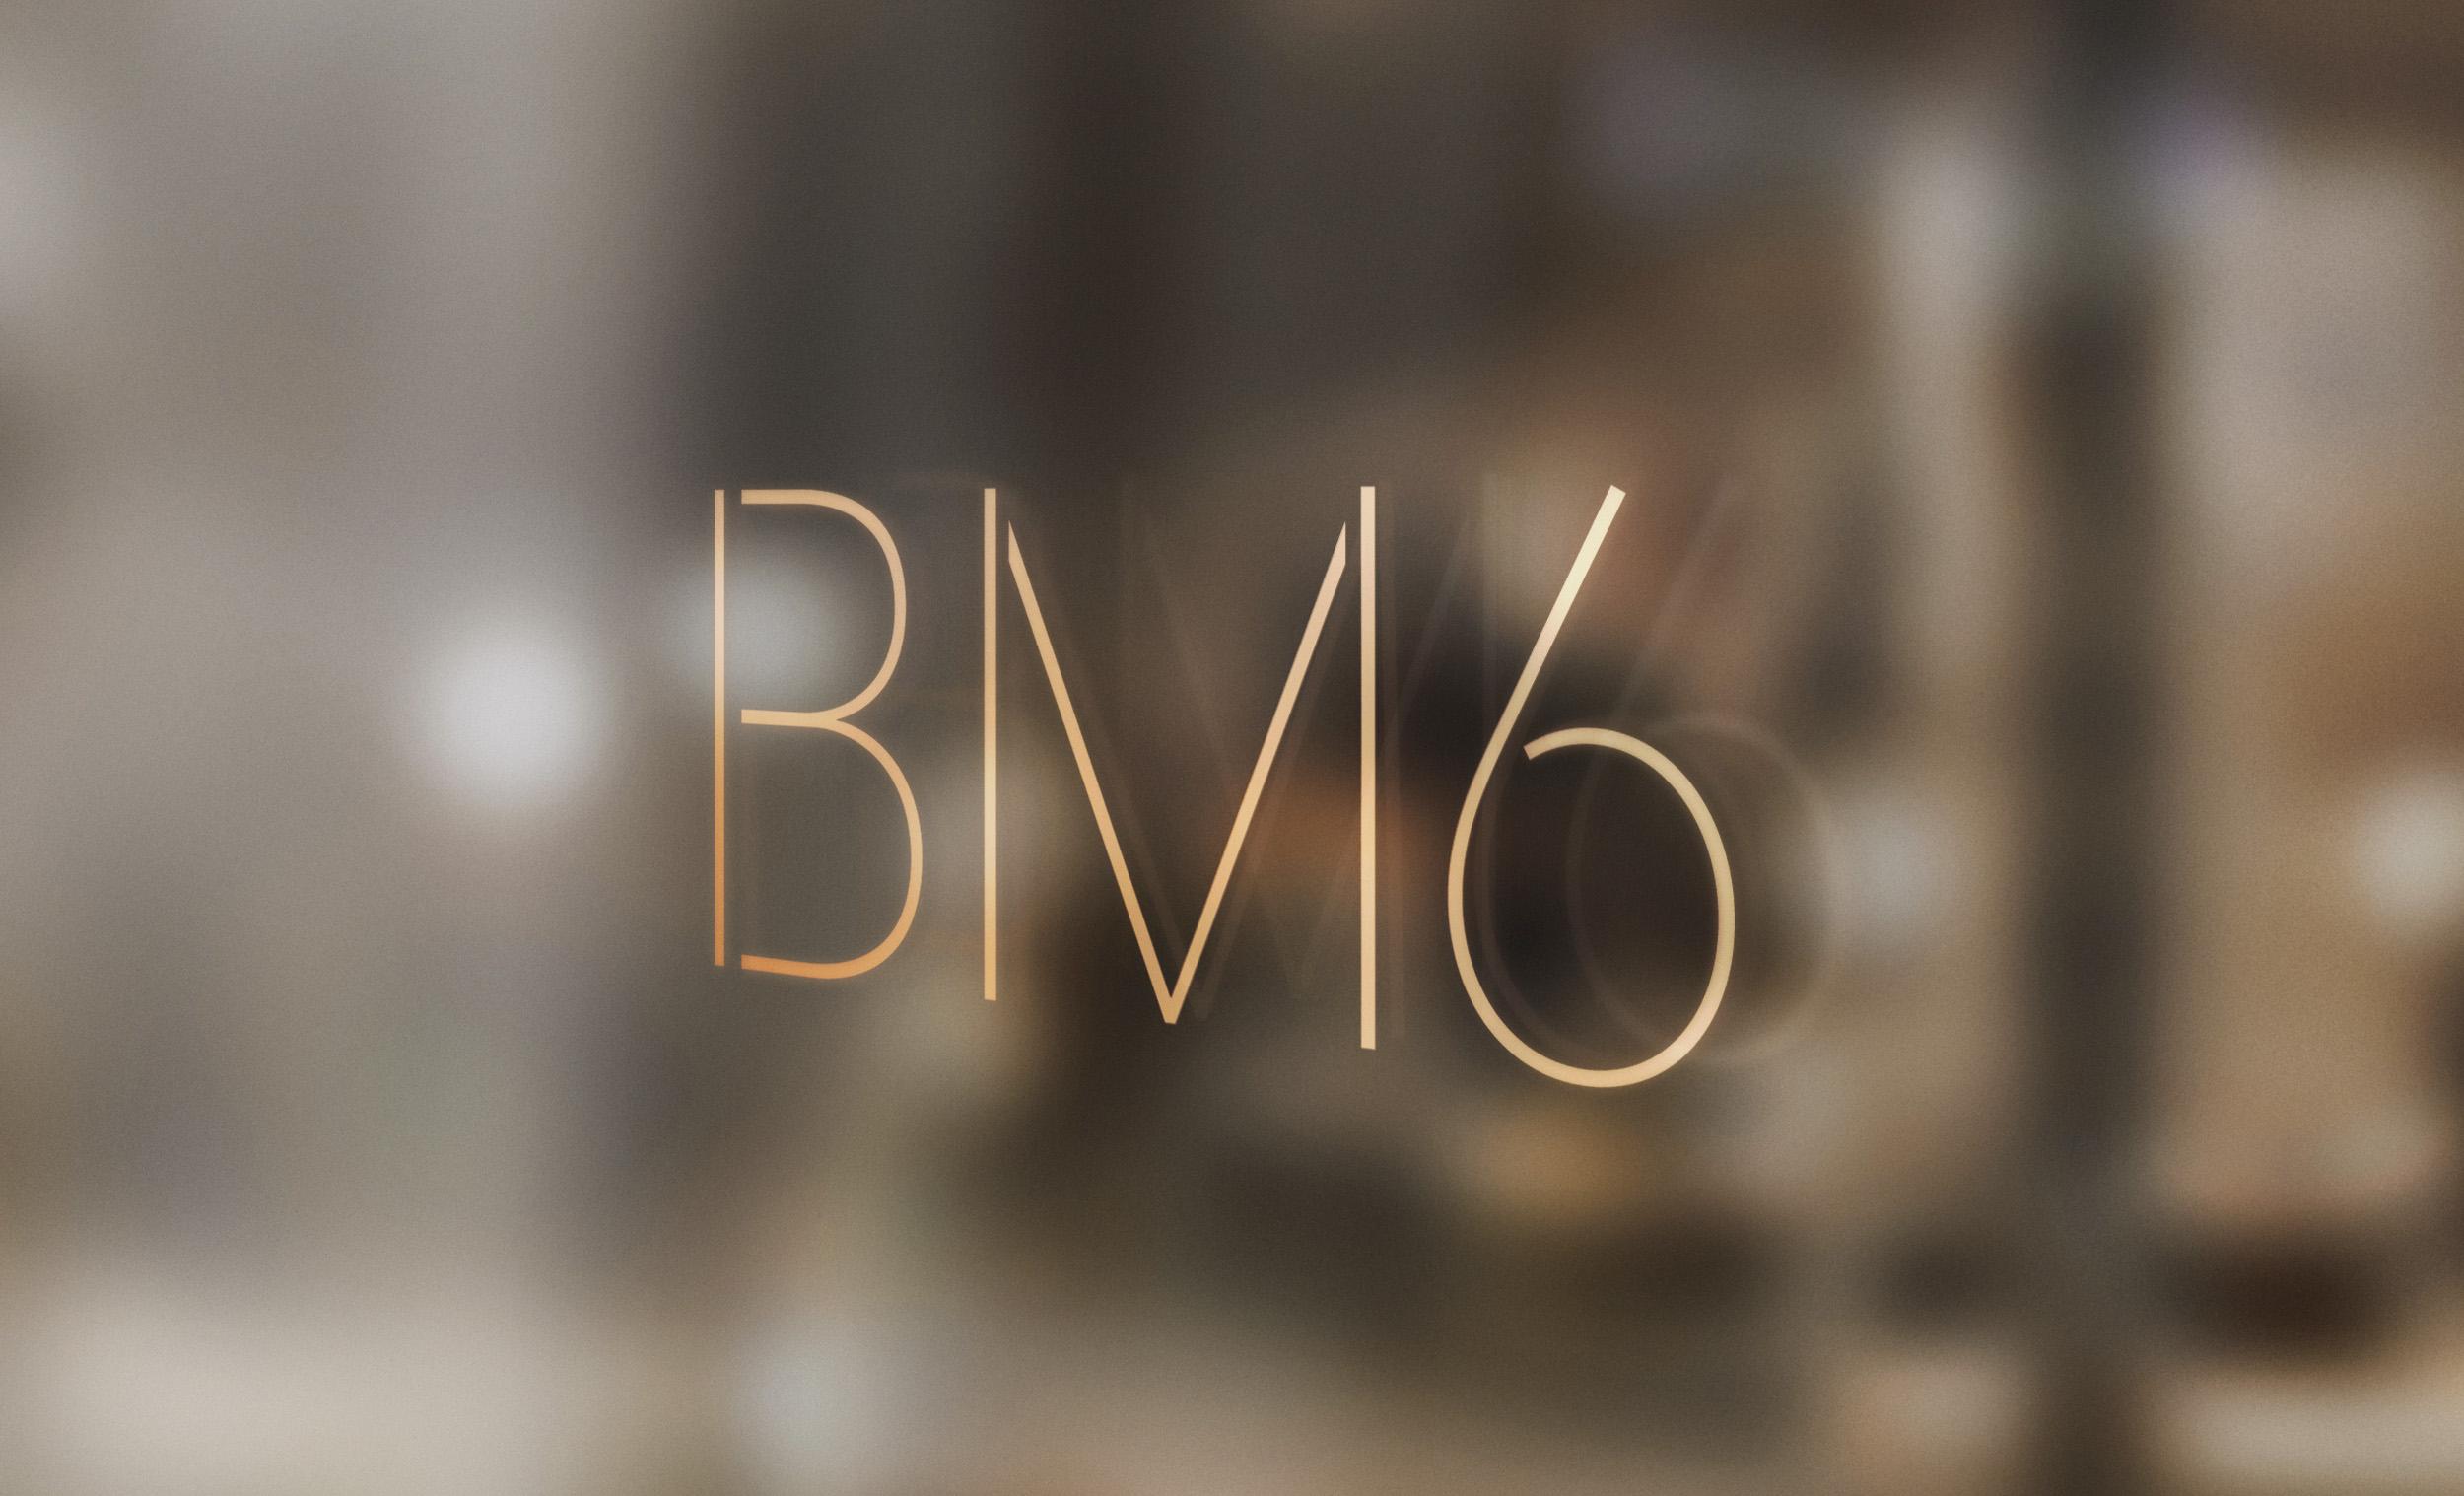 E20_BM6_Logo_Glass